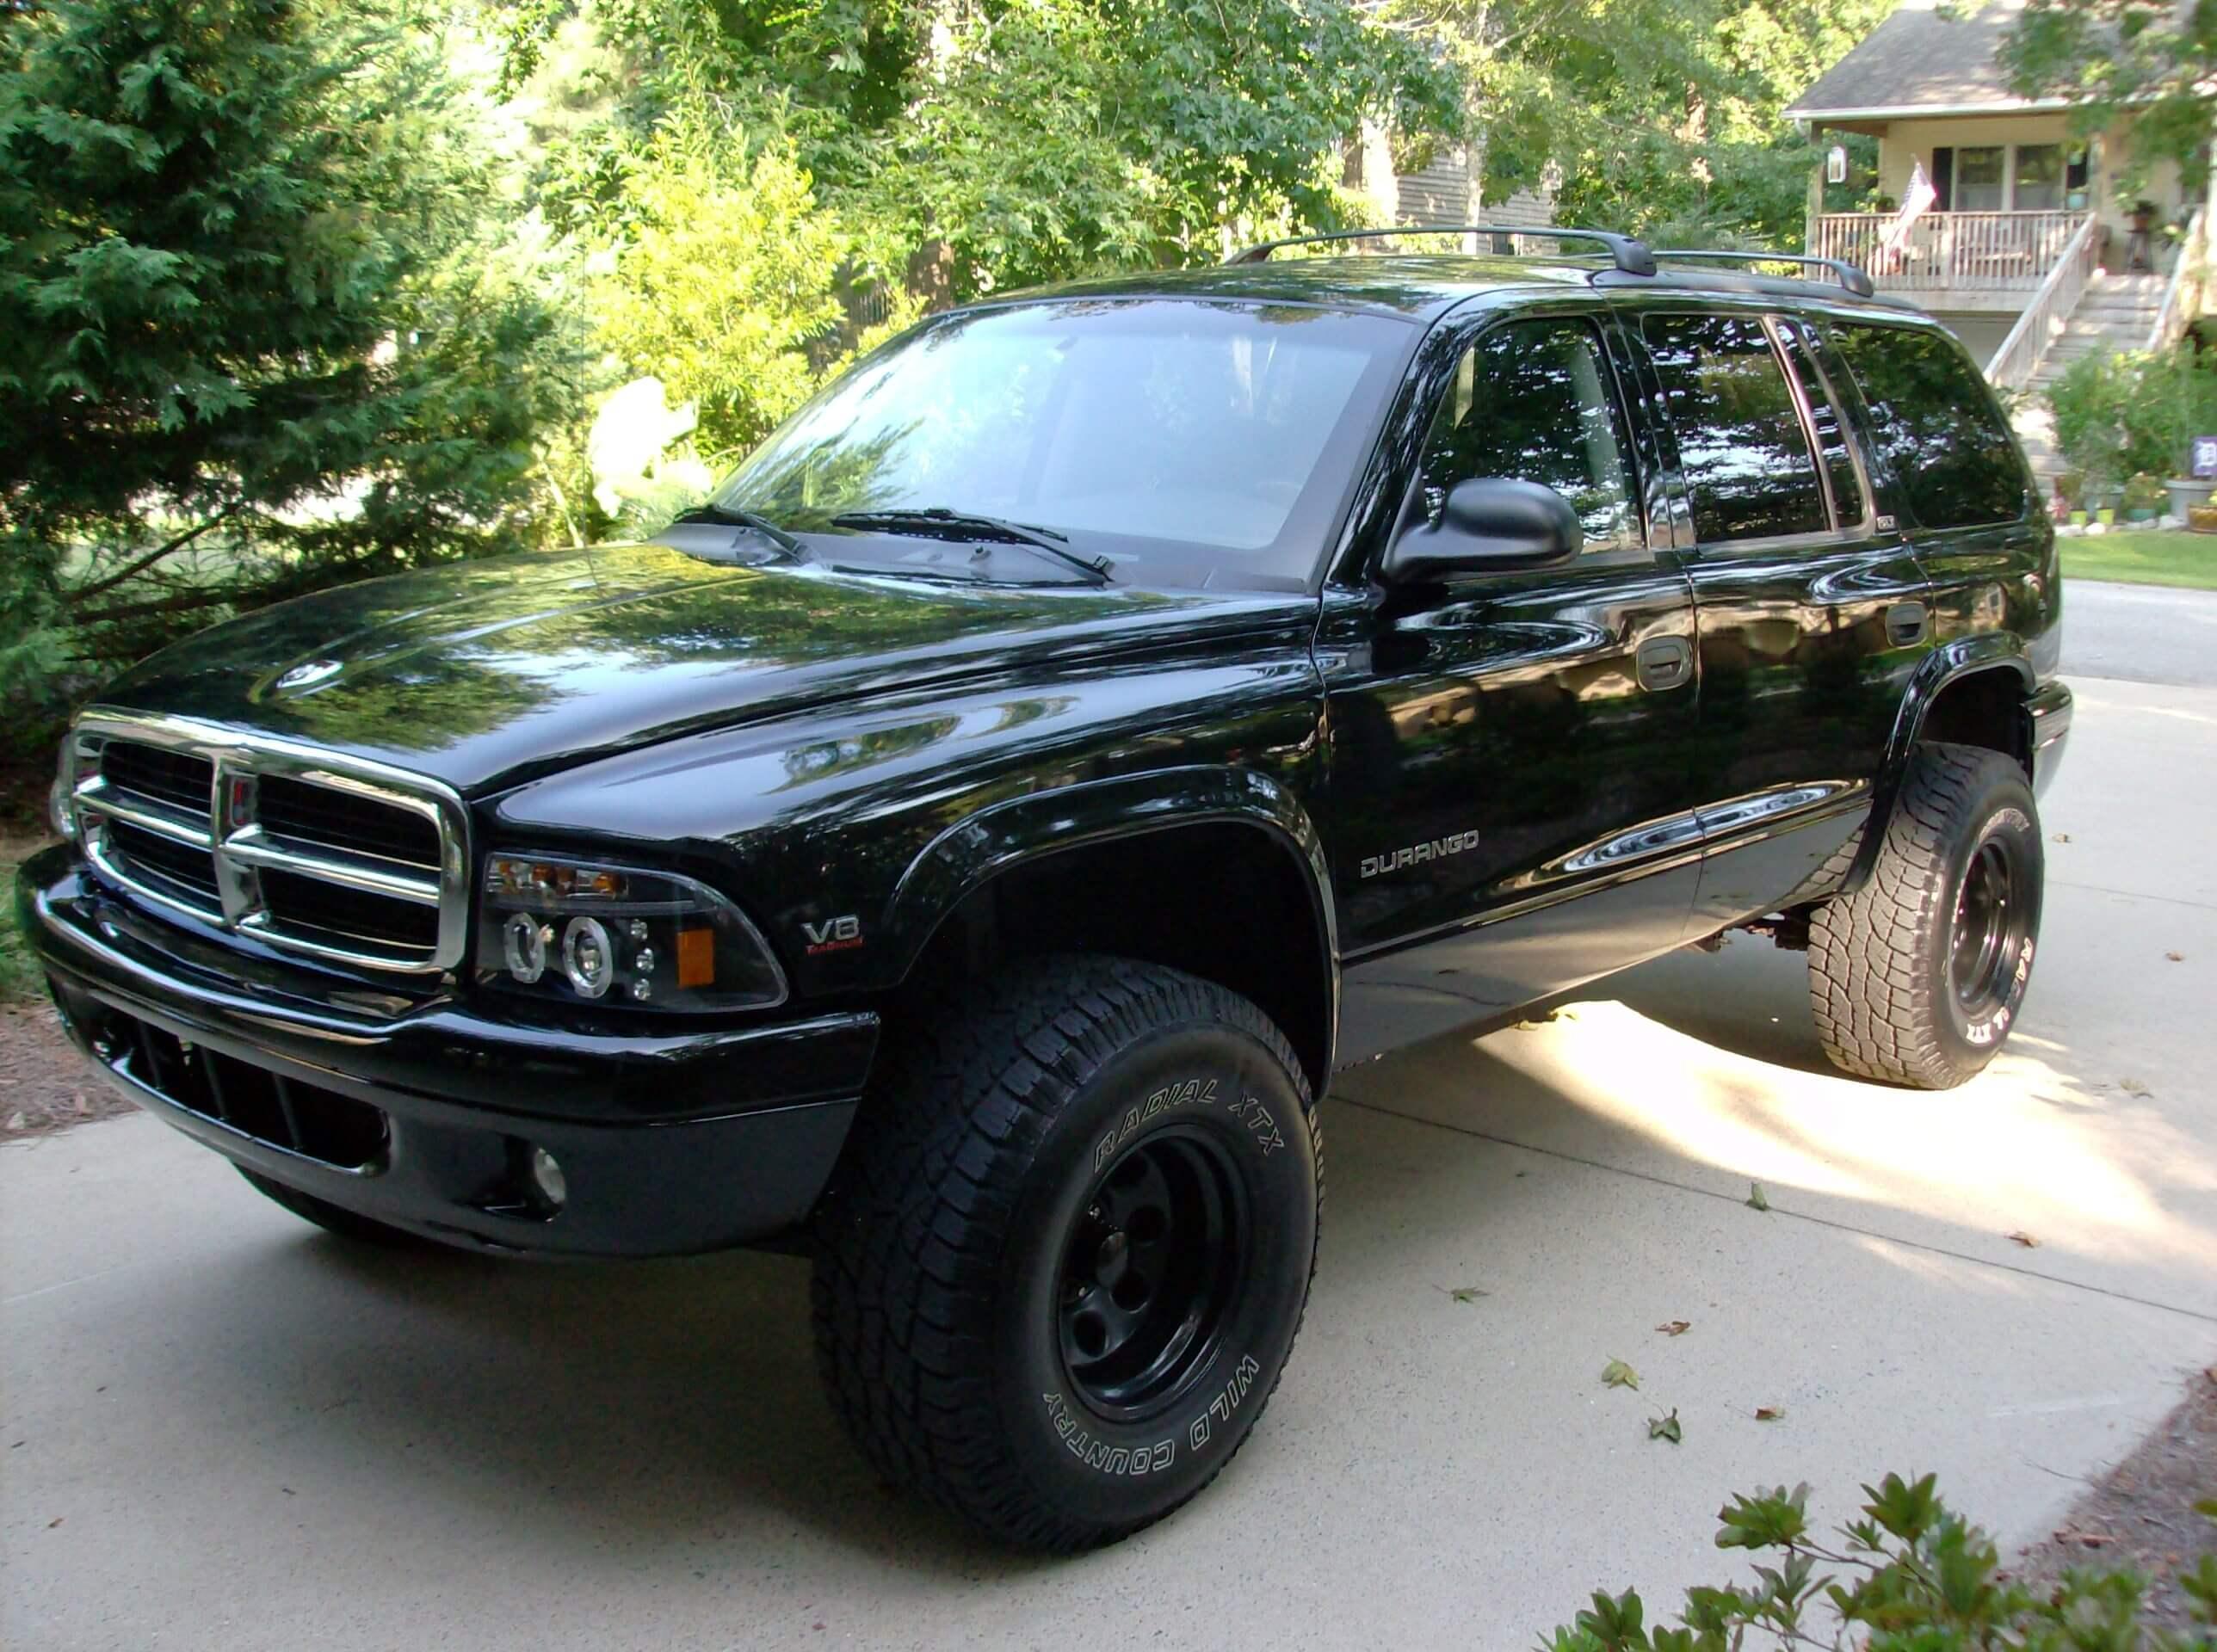 Ken S 2002 Dodge Durango Holley My Garage